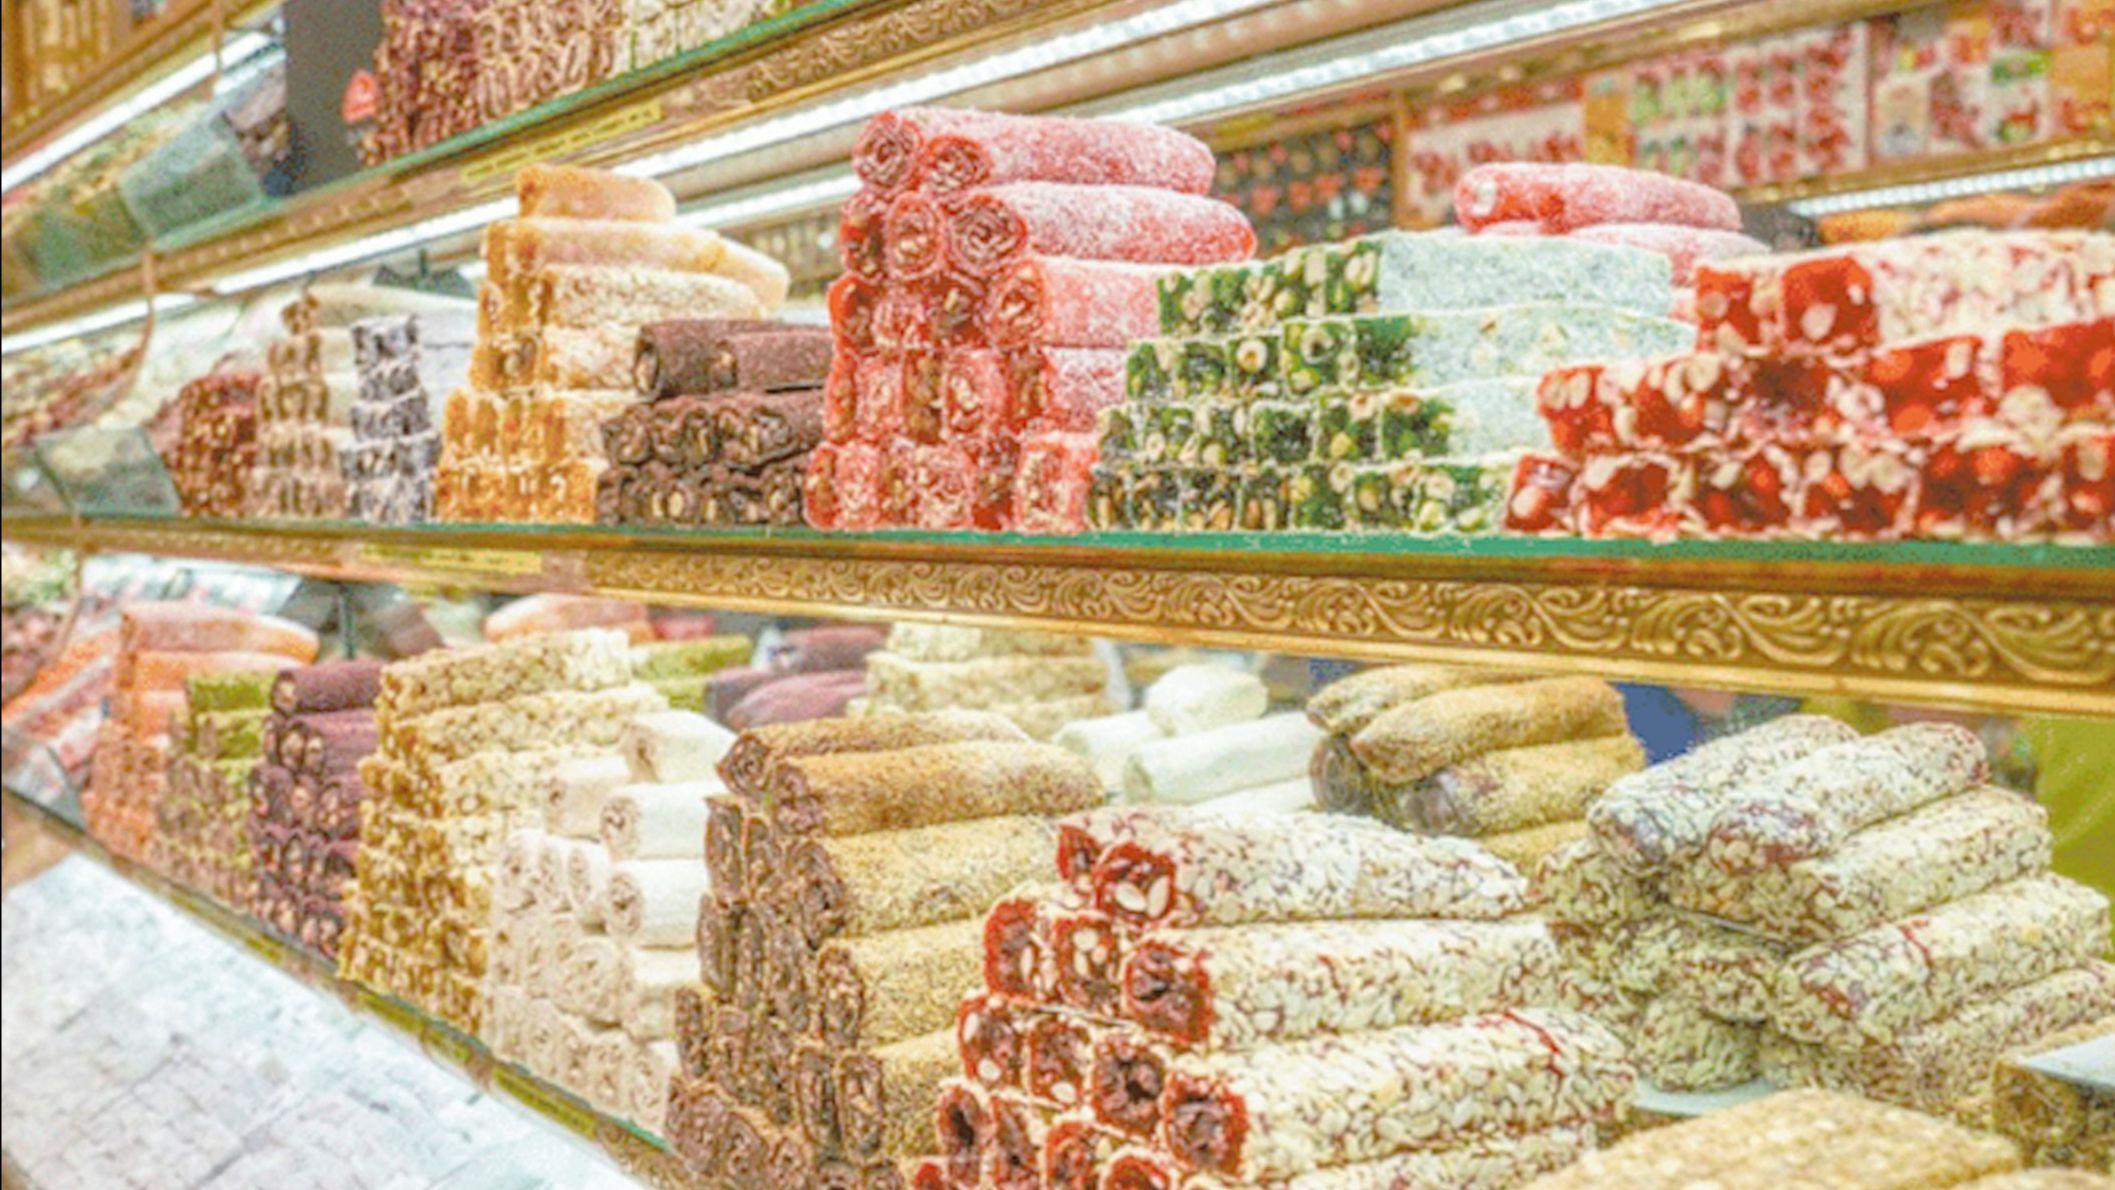 تشتهر تركيا وبشكل كبير بالعديد من الأطعمة والحلويات المميزة، البقلاوةالتركية وغزل البنات وراحة الحلقوم، ولكن ما يميز مدينة بورصة حقاً هو حلويات راحة الحلقوم، حيث يوجد فيها عدد كبير من مصانع الحلقوم التي تعتبر أشهرالامكان السياحية في بورصةوتقدم العديد من الأنواع، سنتعرف في مقال اليوم على مصنع الحلقوم الشهير في مدينة بورصة.